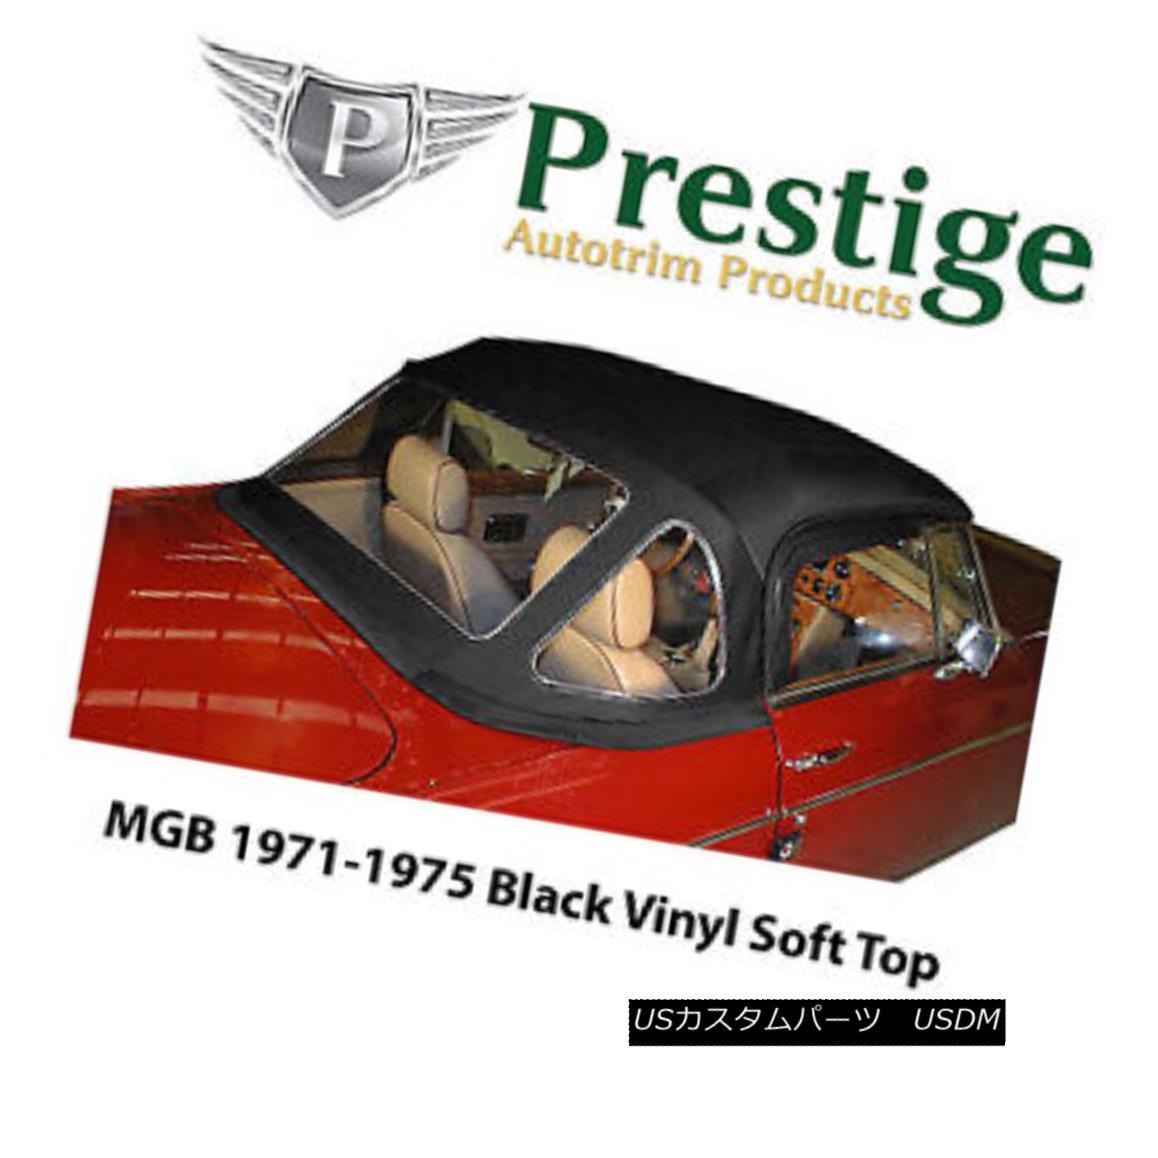 幌・ソフトトップ MGB Soft Tops Convertible Tops Black Vinyl 1971-1975 MGBソフトトップス・ブラック・ビニール1971-1975